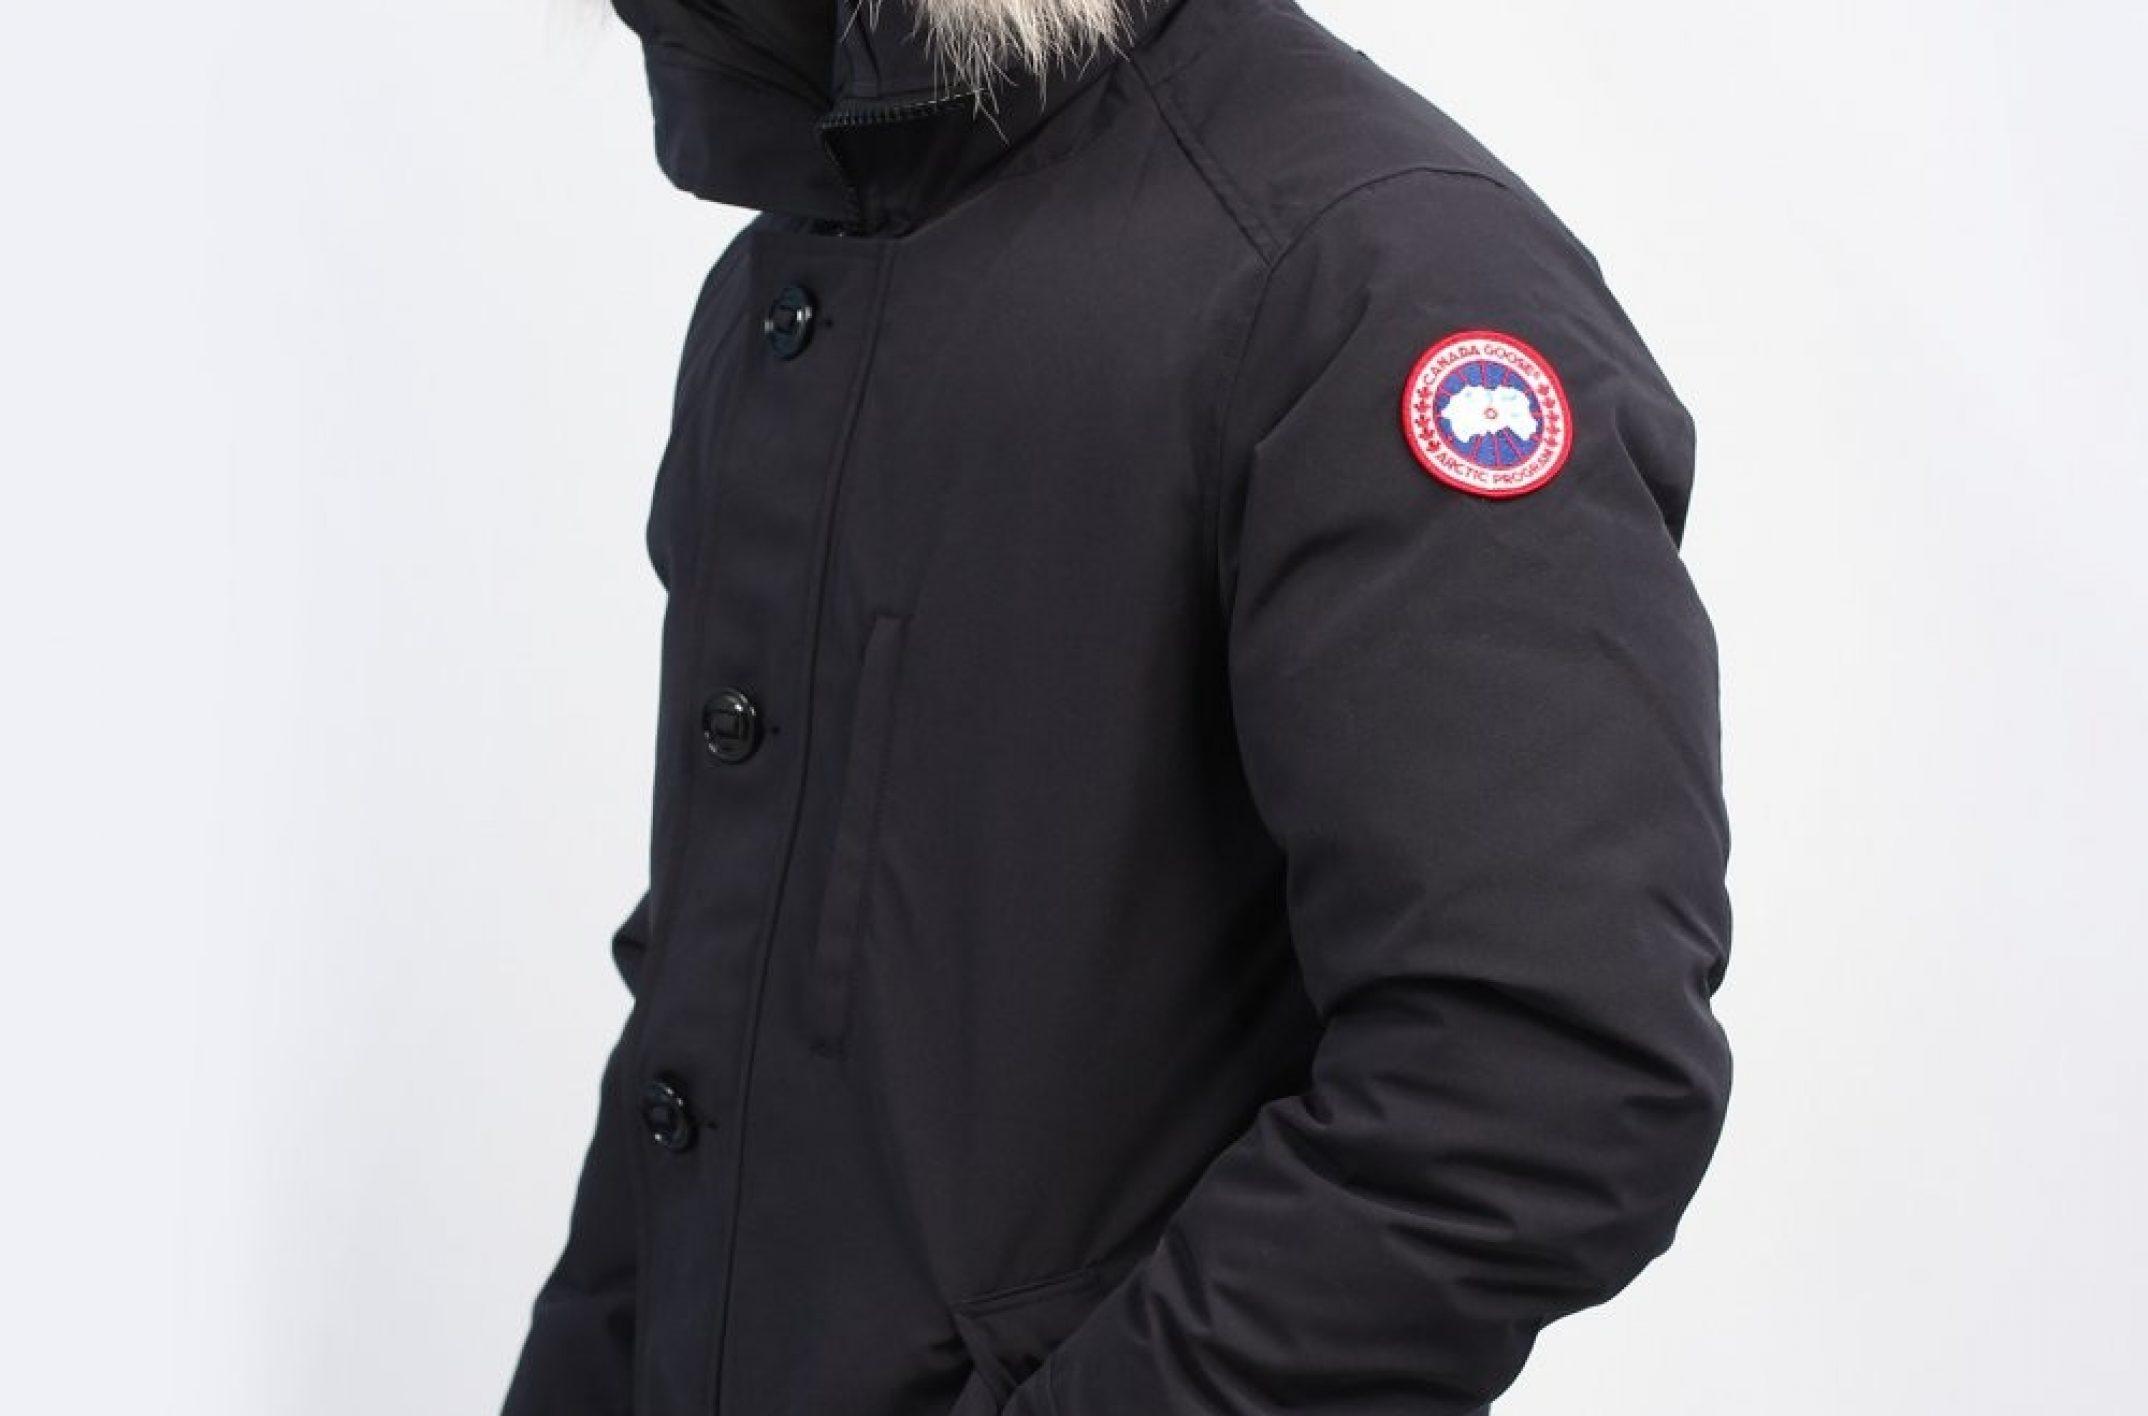 Canada goose paris c'est la marque des vêtements d'hiver du grand nord